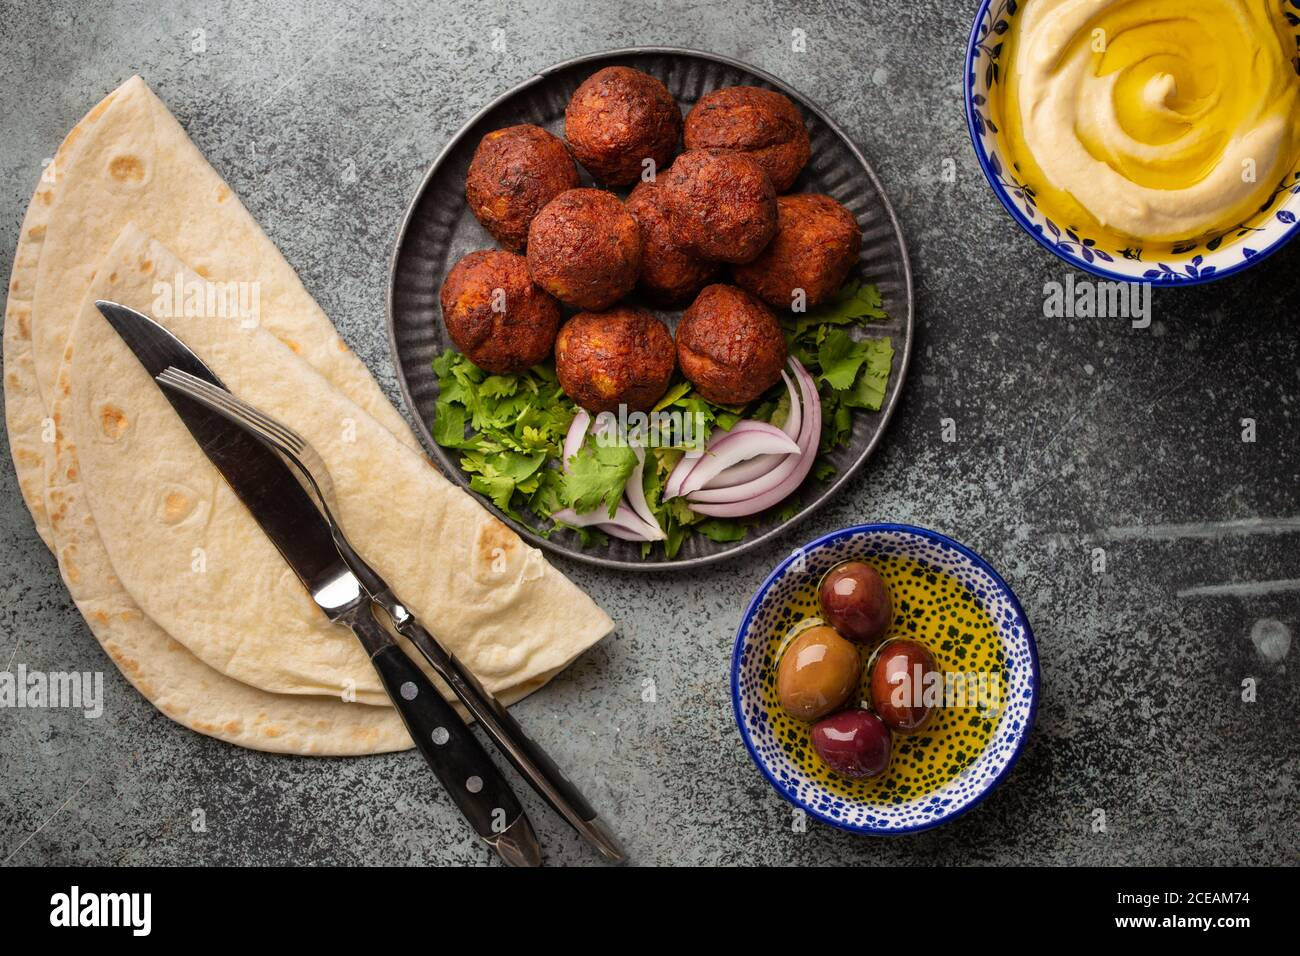 Falafel traditionnel du Moyen-Orient Banque D'Images